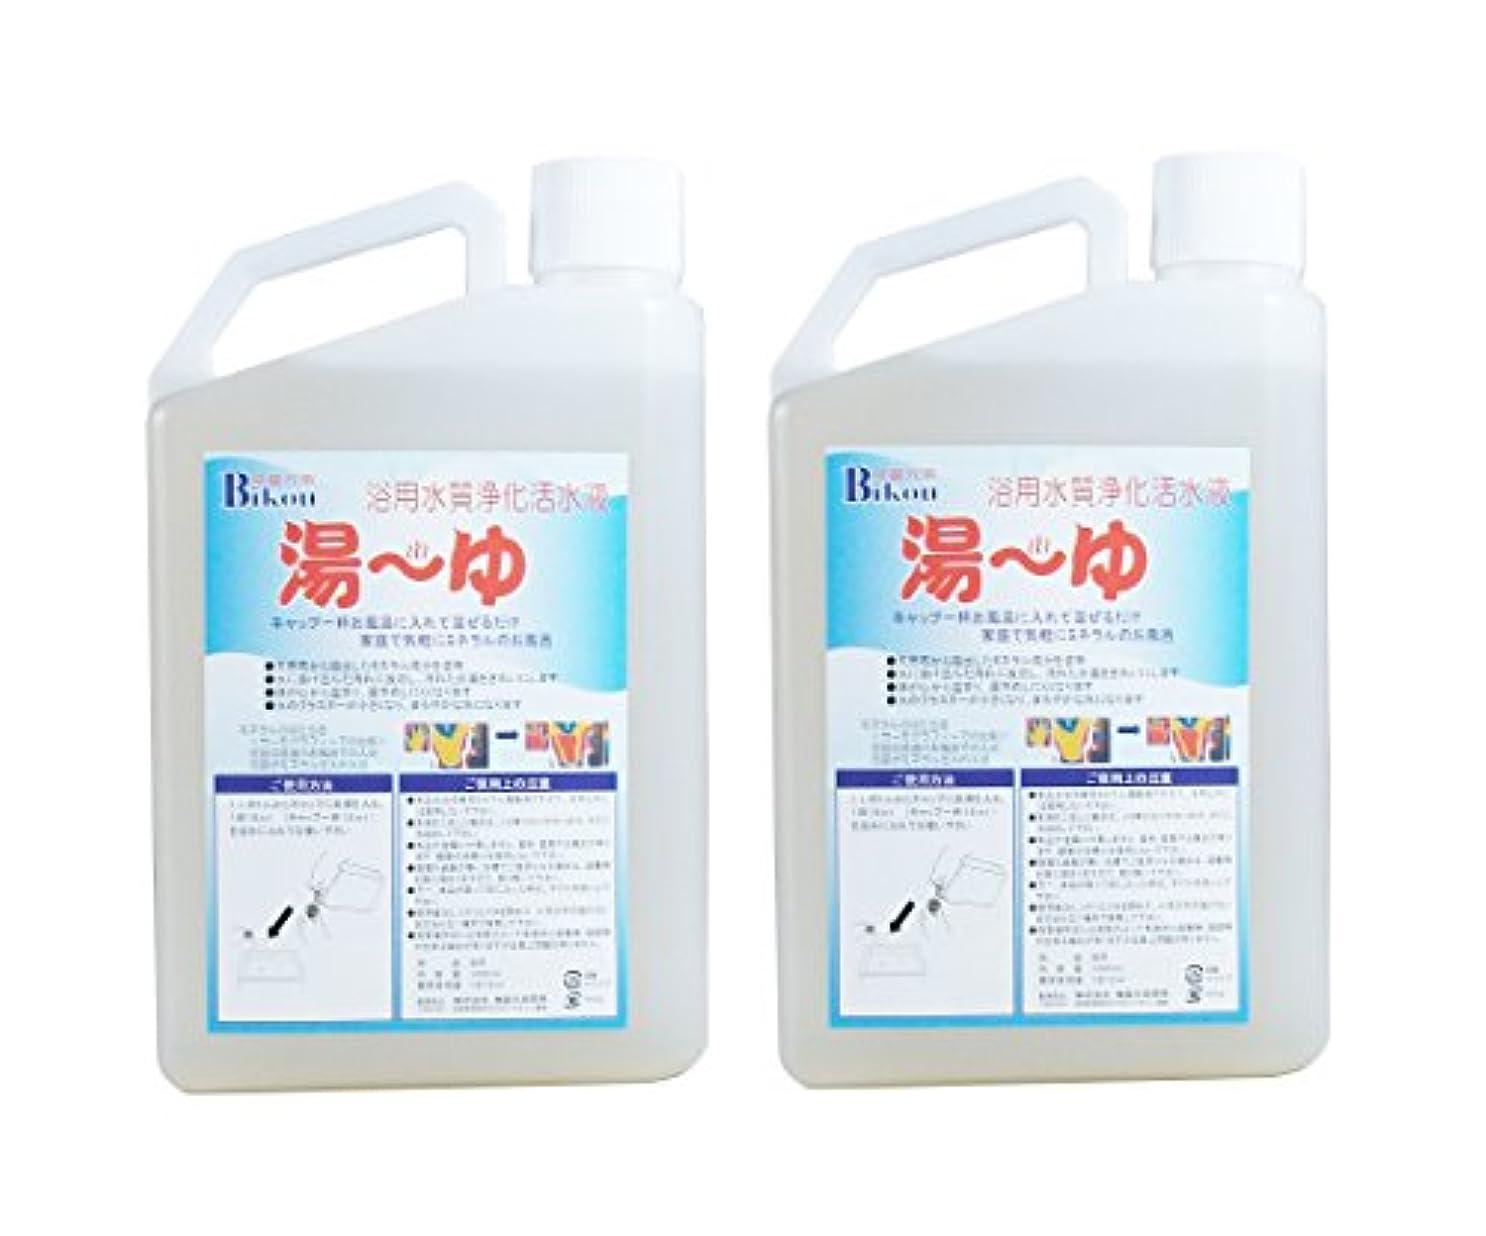 グレードラップ拒否Bikou 浴用水質浄化活水液 湯ーゆ 2本組(1000ml×2) 24時間風呂用入浴剤